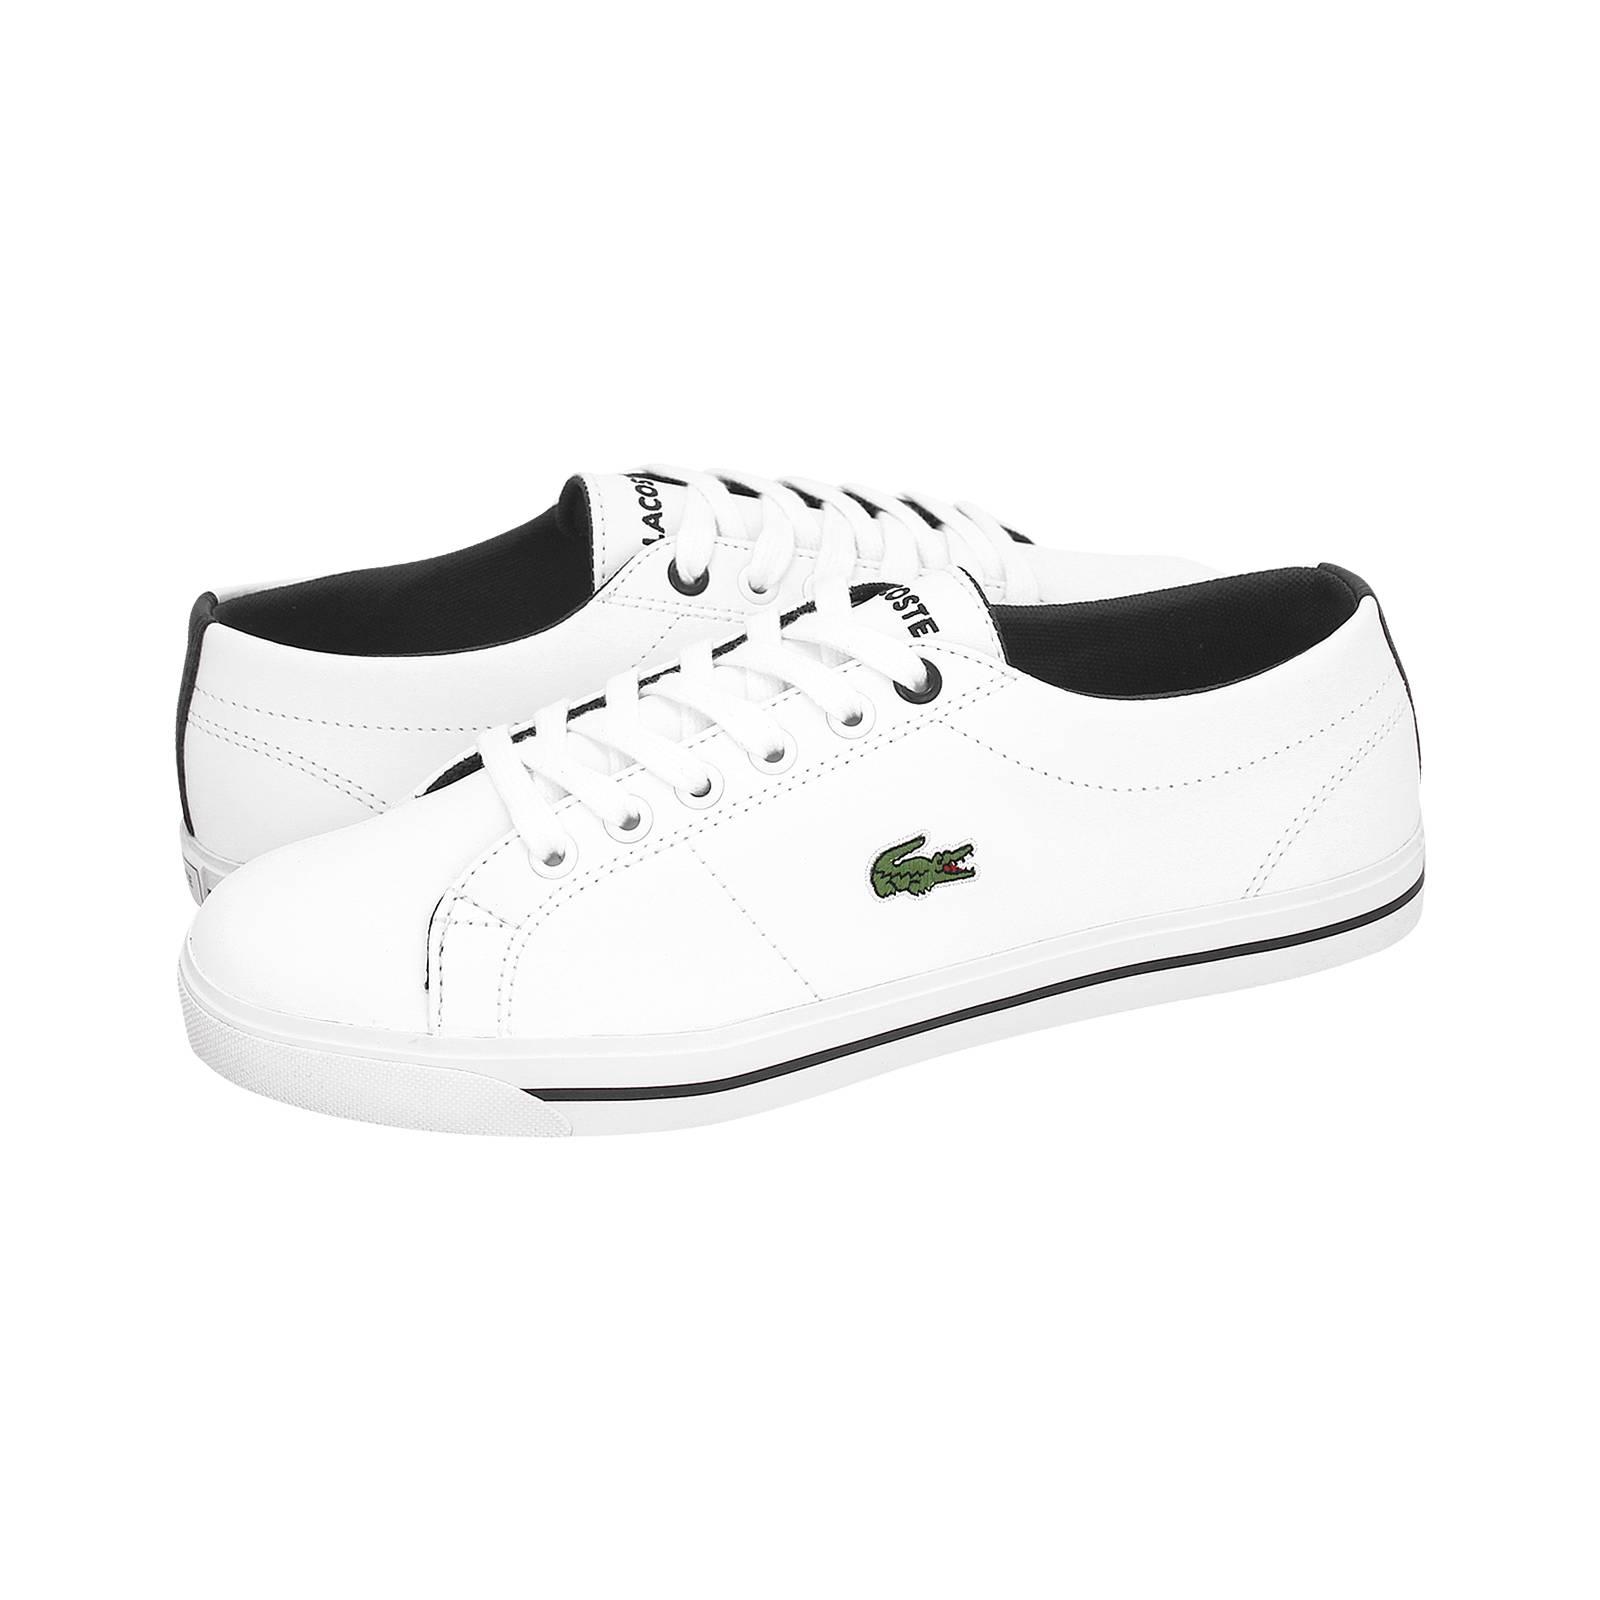 Marcel - Παιδικά παπούτσια casual Lacoste από δερμα συνθετικο ... b6f7cf4c43c